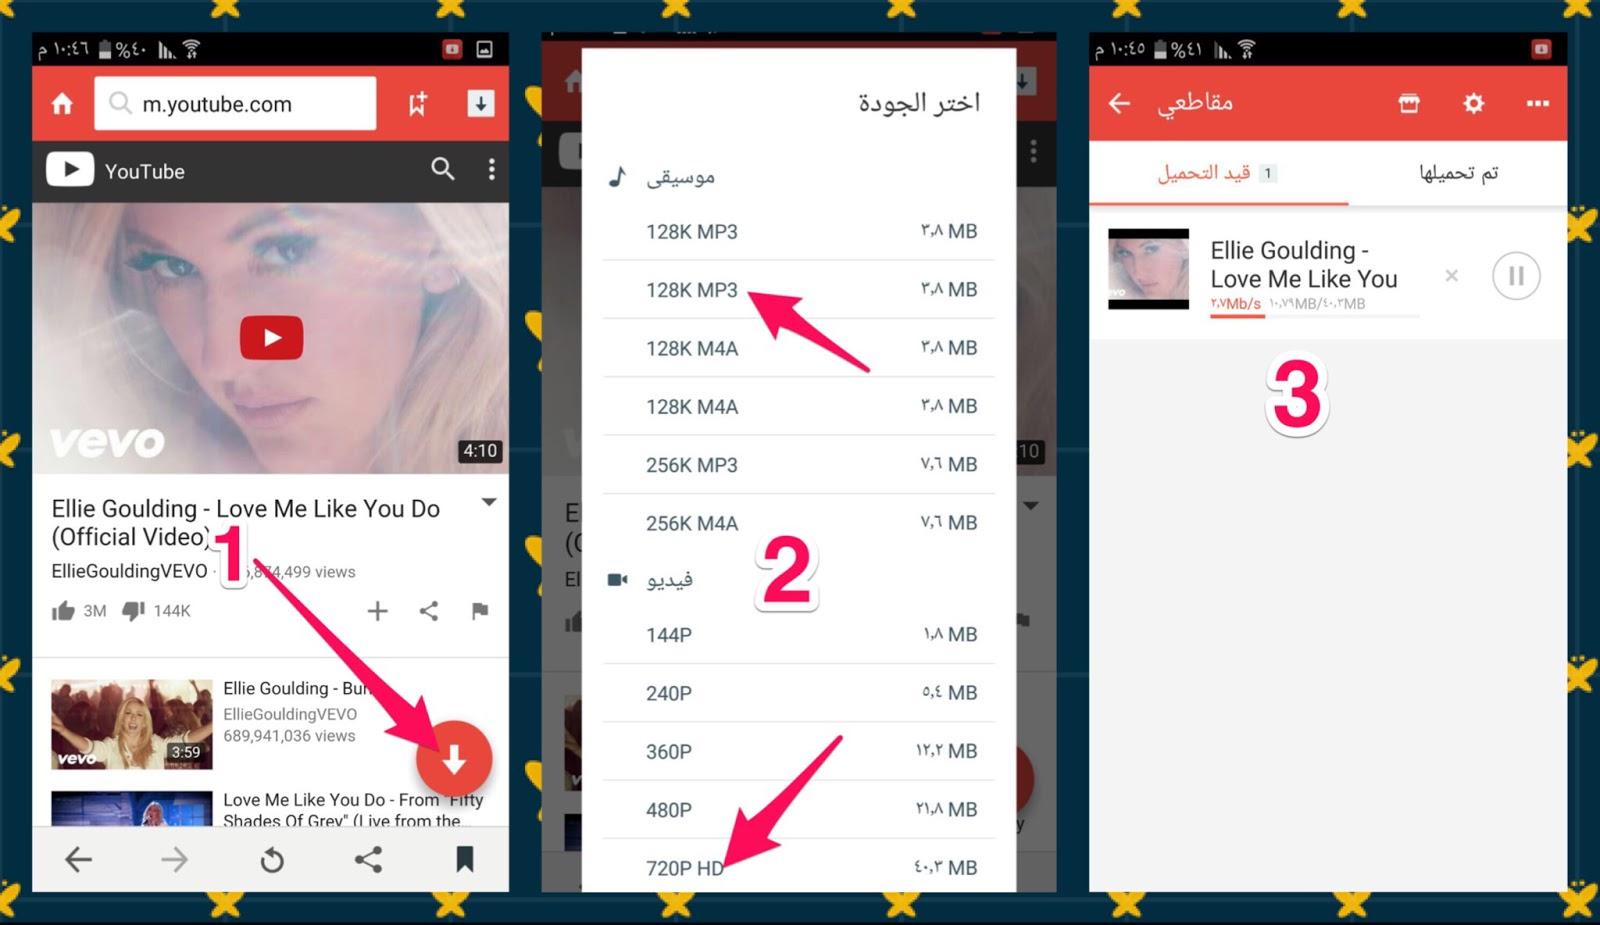 صور تحميل فيديو من اليوتيوب , كيف تحمل فيديو من اليوتيوب